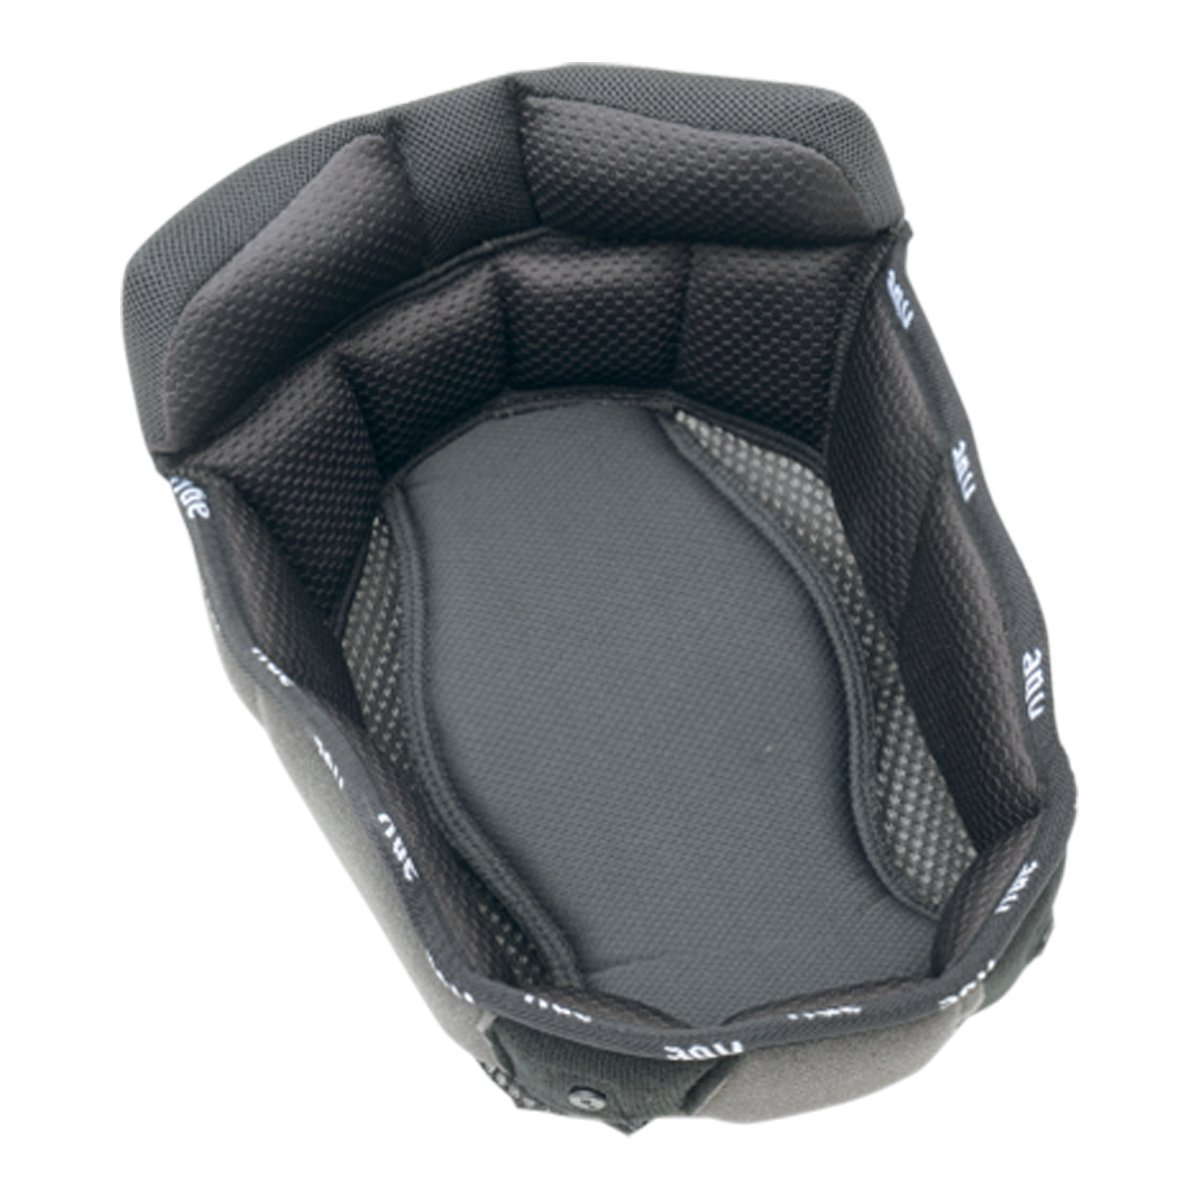 AGV Helmet Liner for AX-8 EVO - 2XL KIT75109